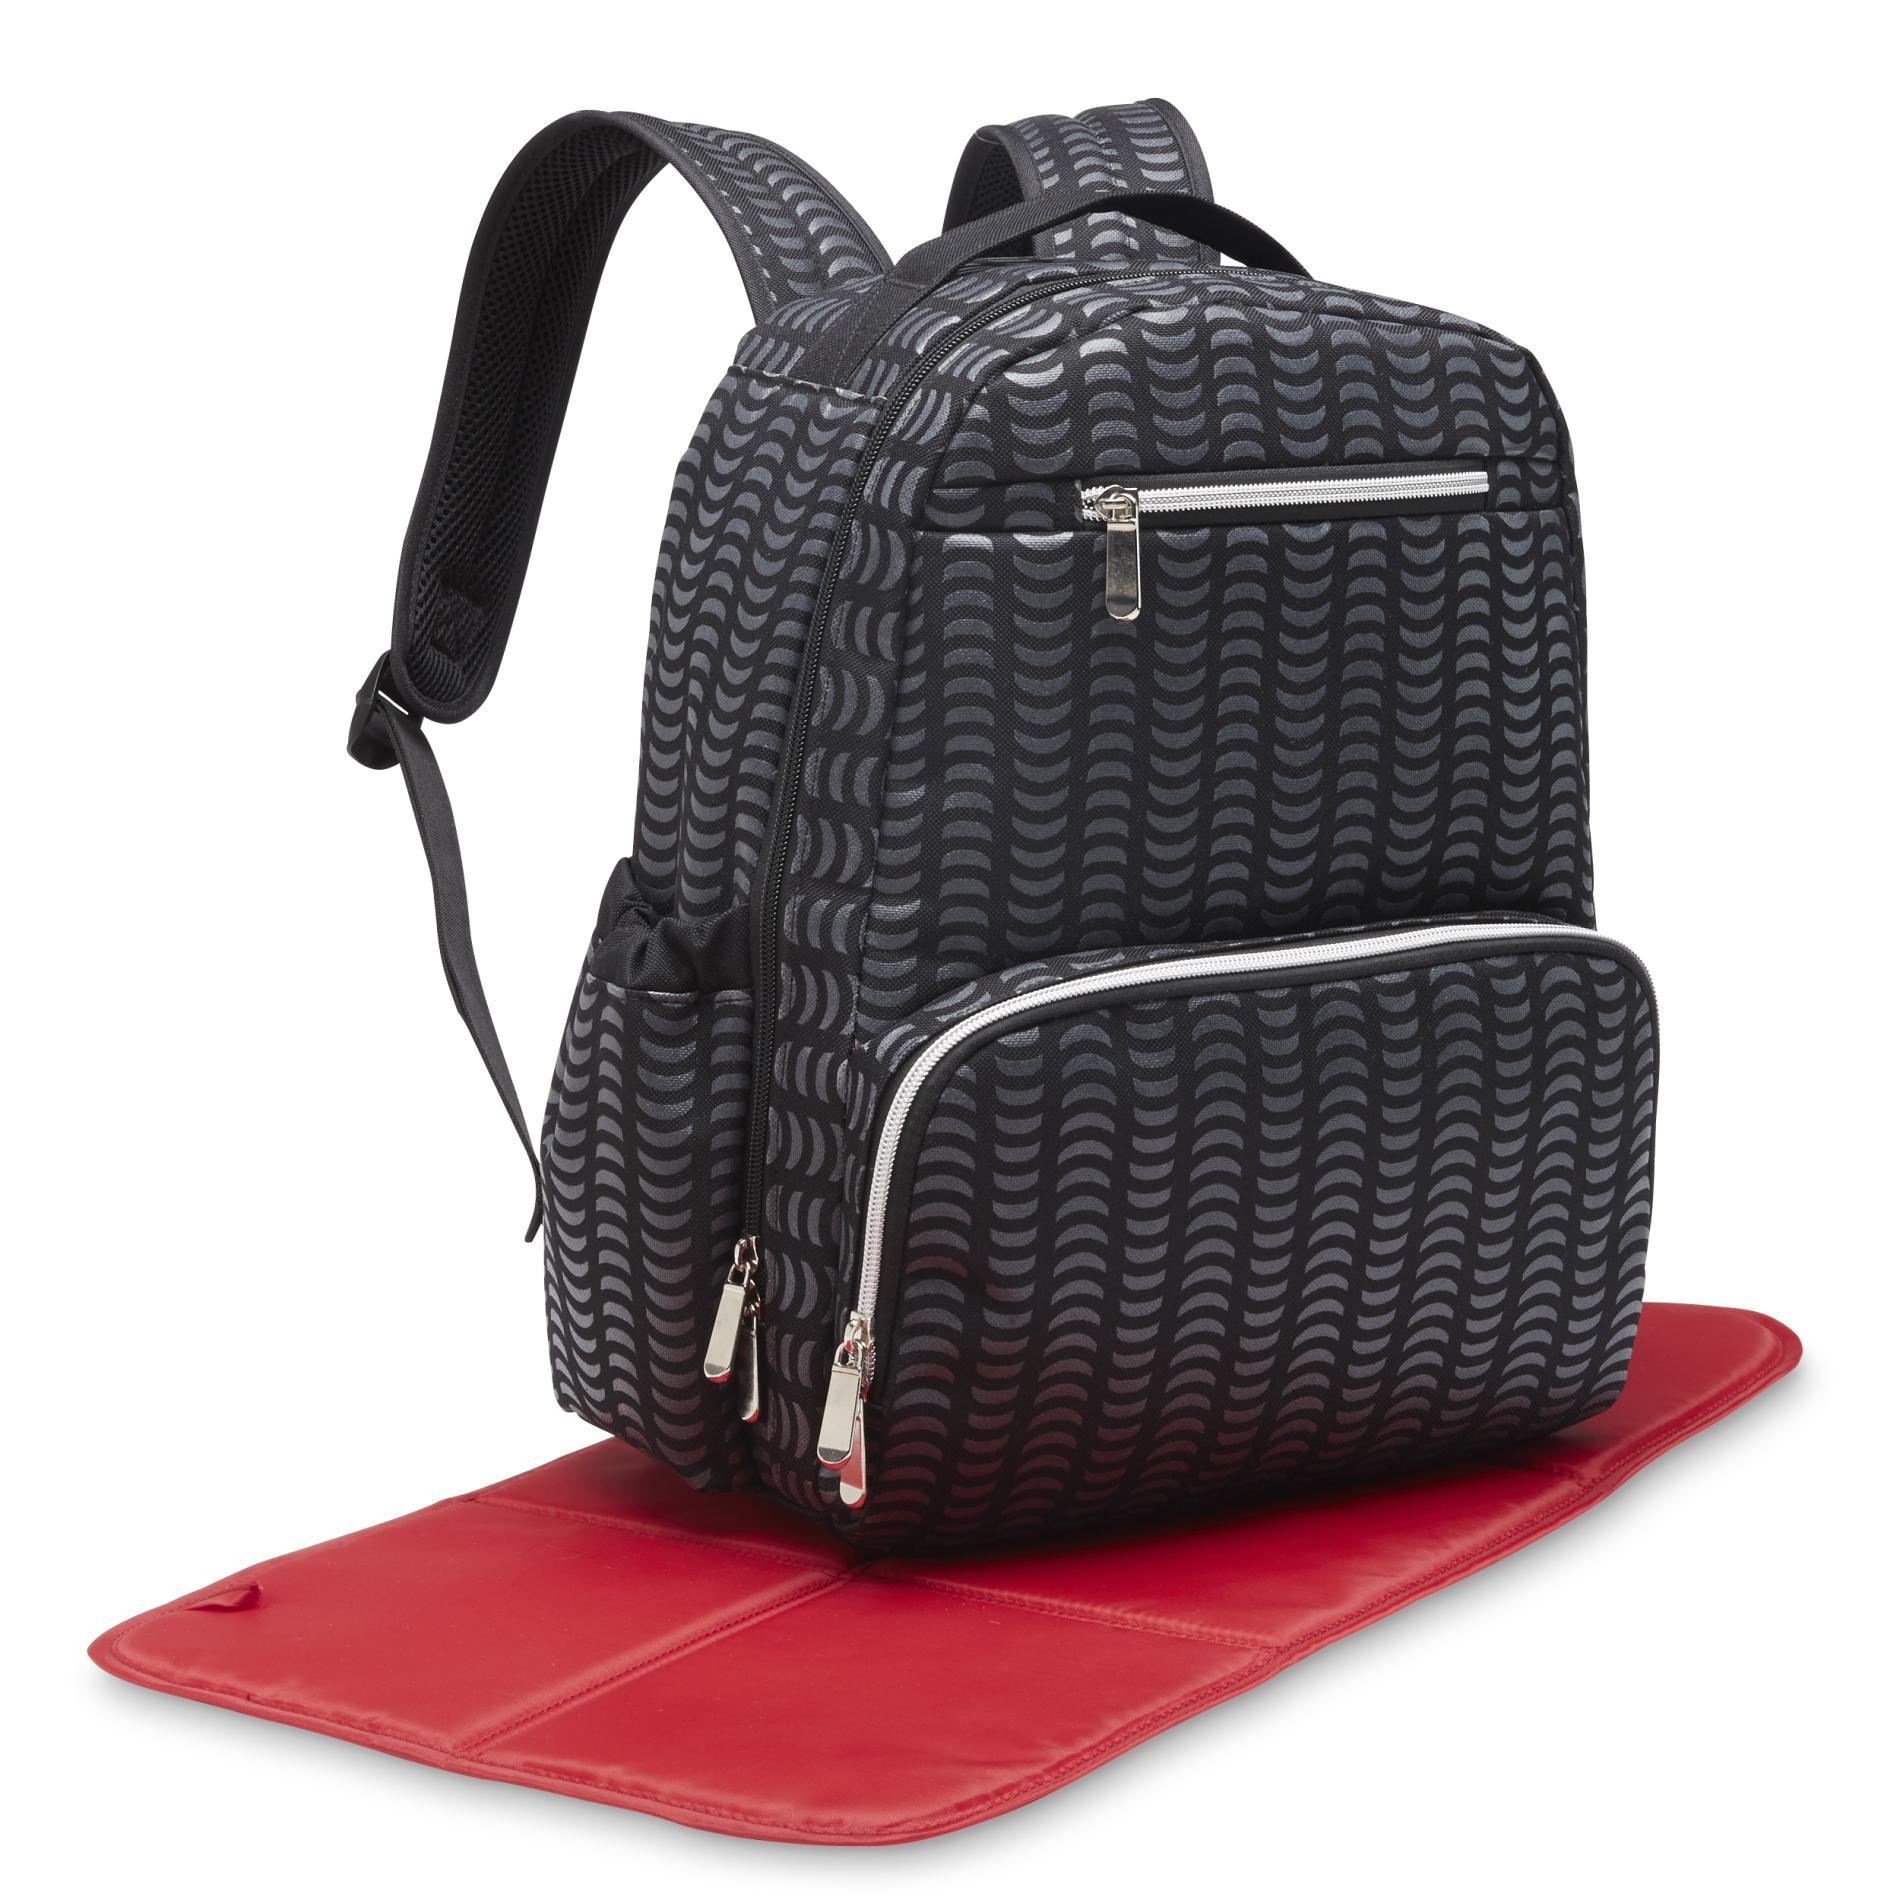 Tender Kisses Backpack Diaper Bag - Geometric, Gray im test